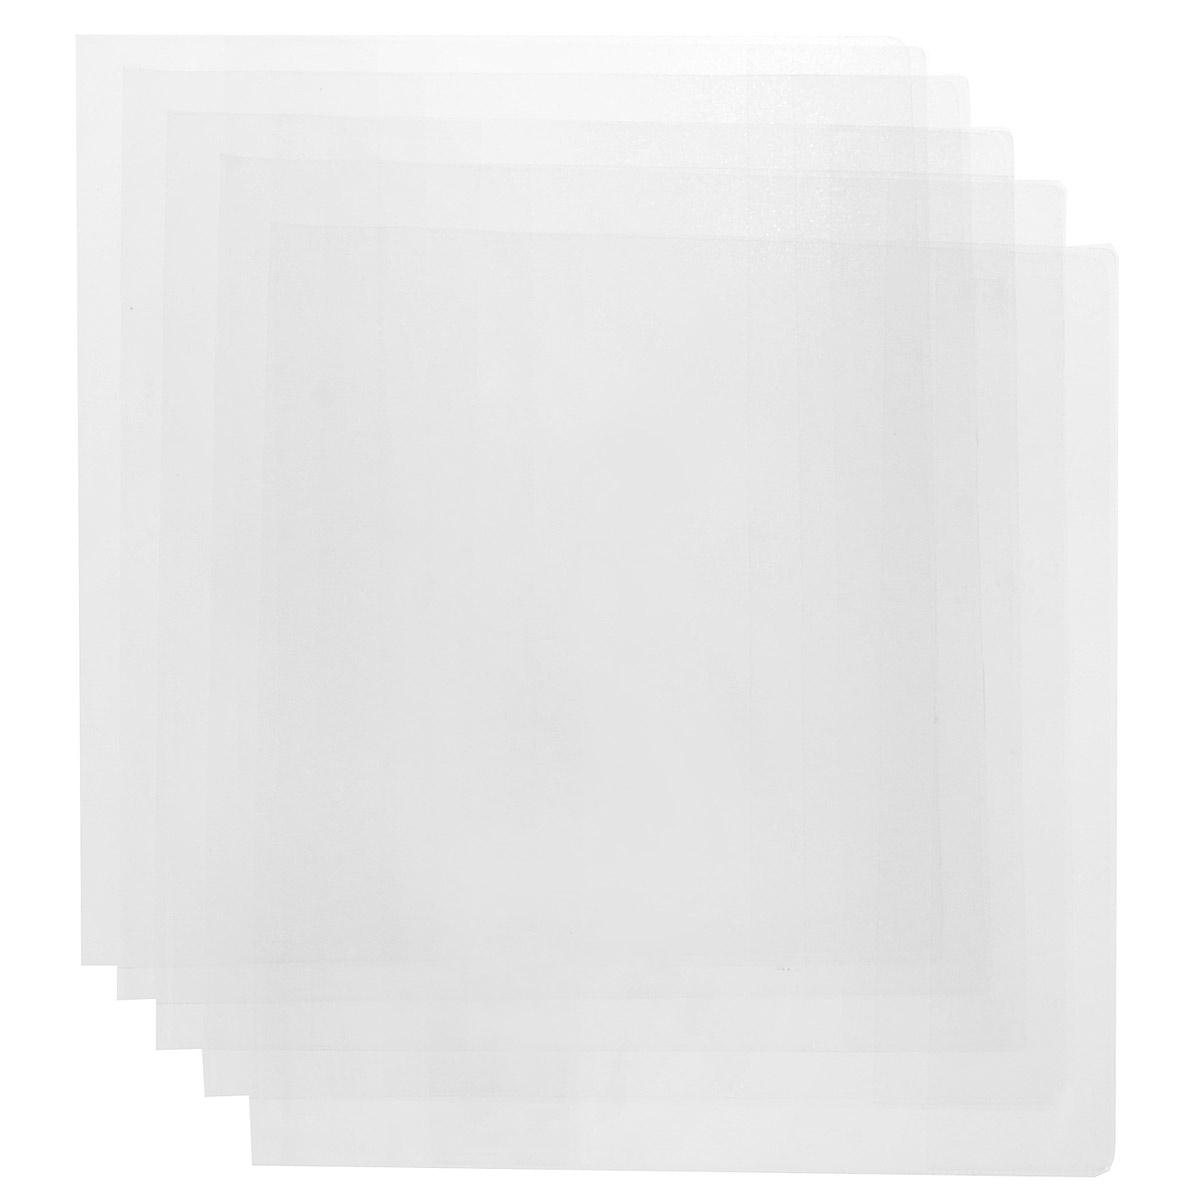 Набор обложек для контурных карт и атласов `Брупак`, 30 см х 56 см, 5 шт